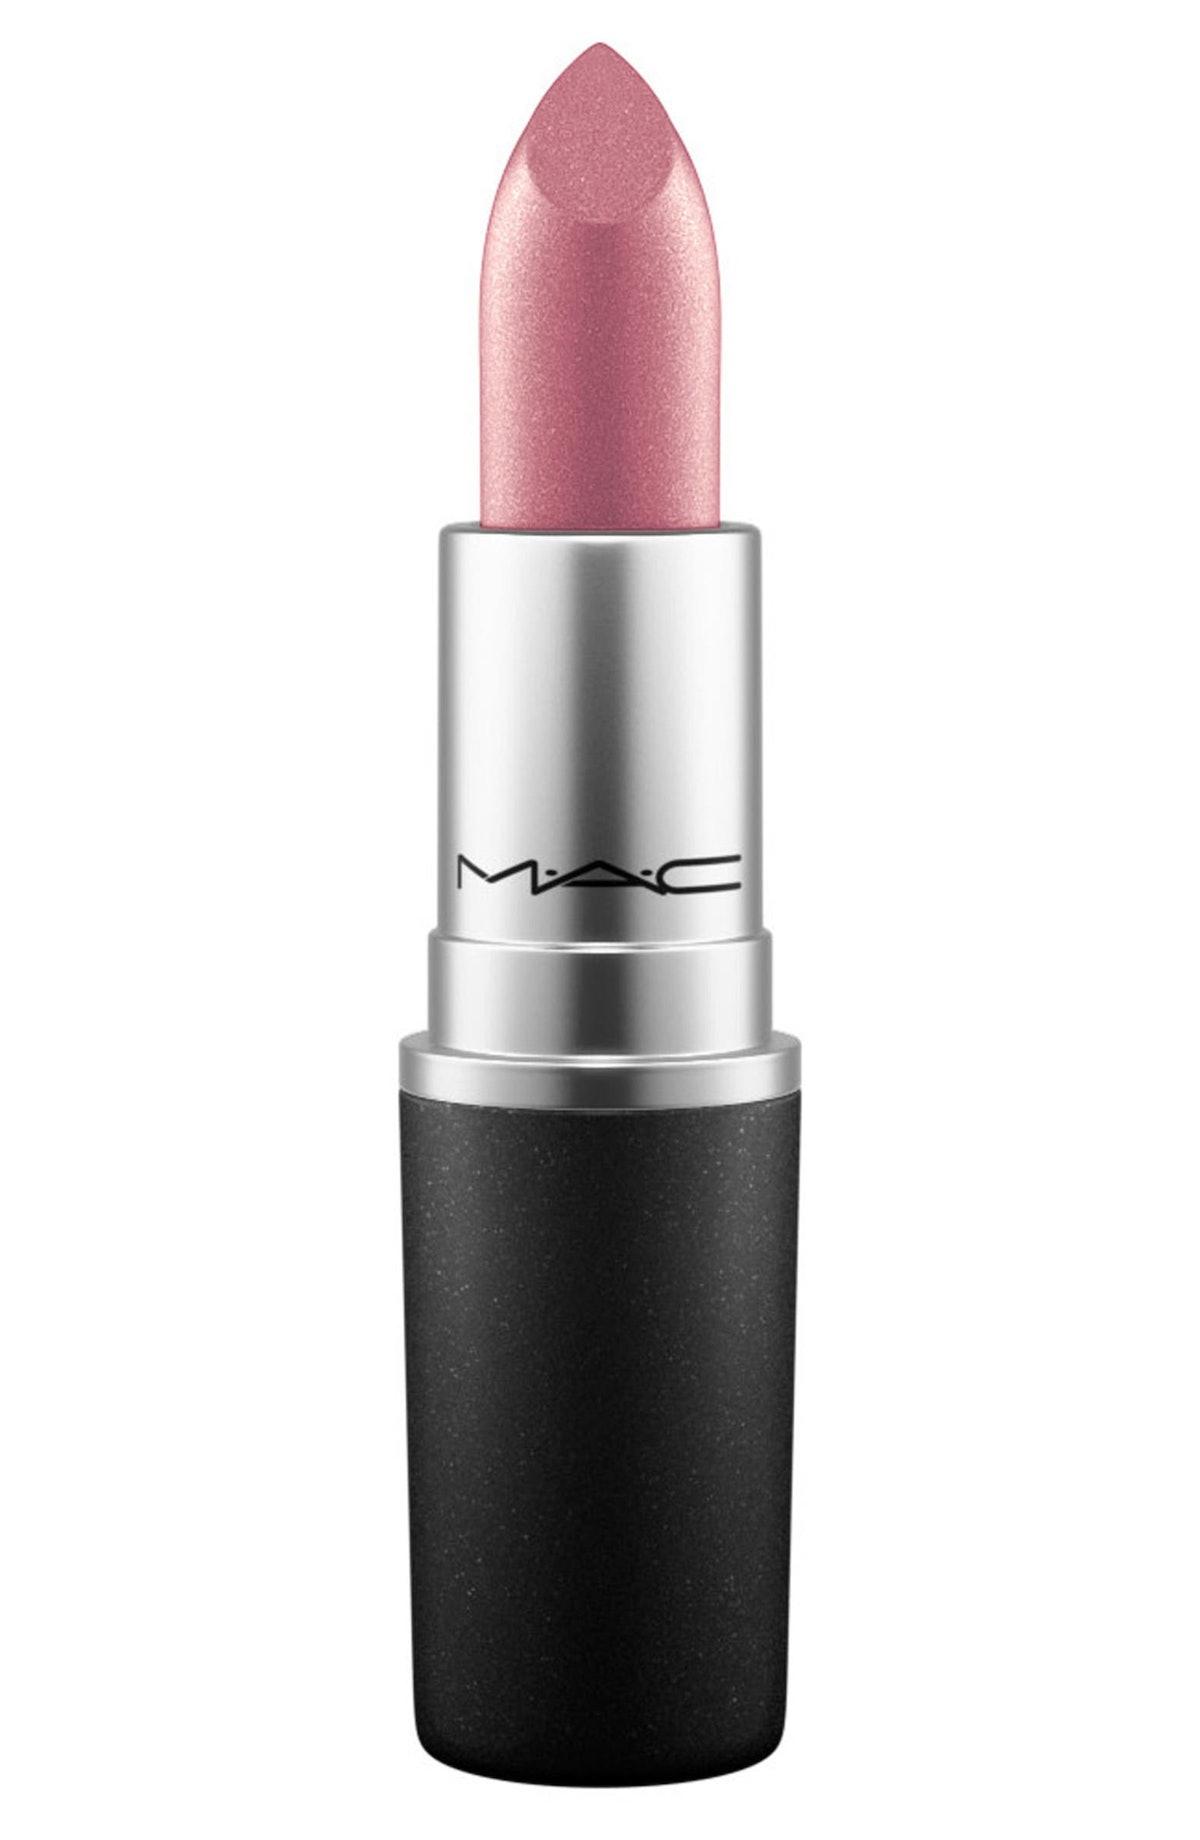 Frost Lipstick in Plum Dandy